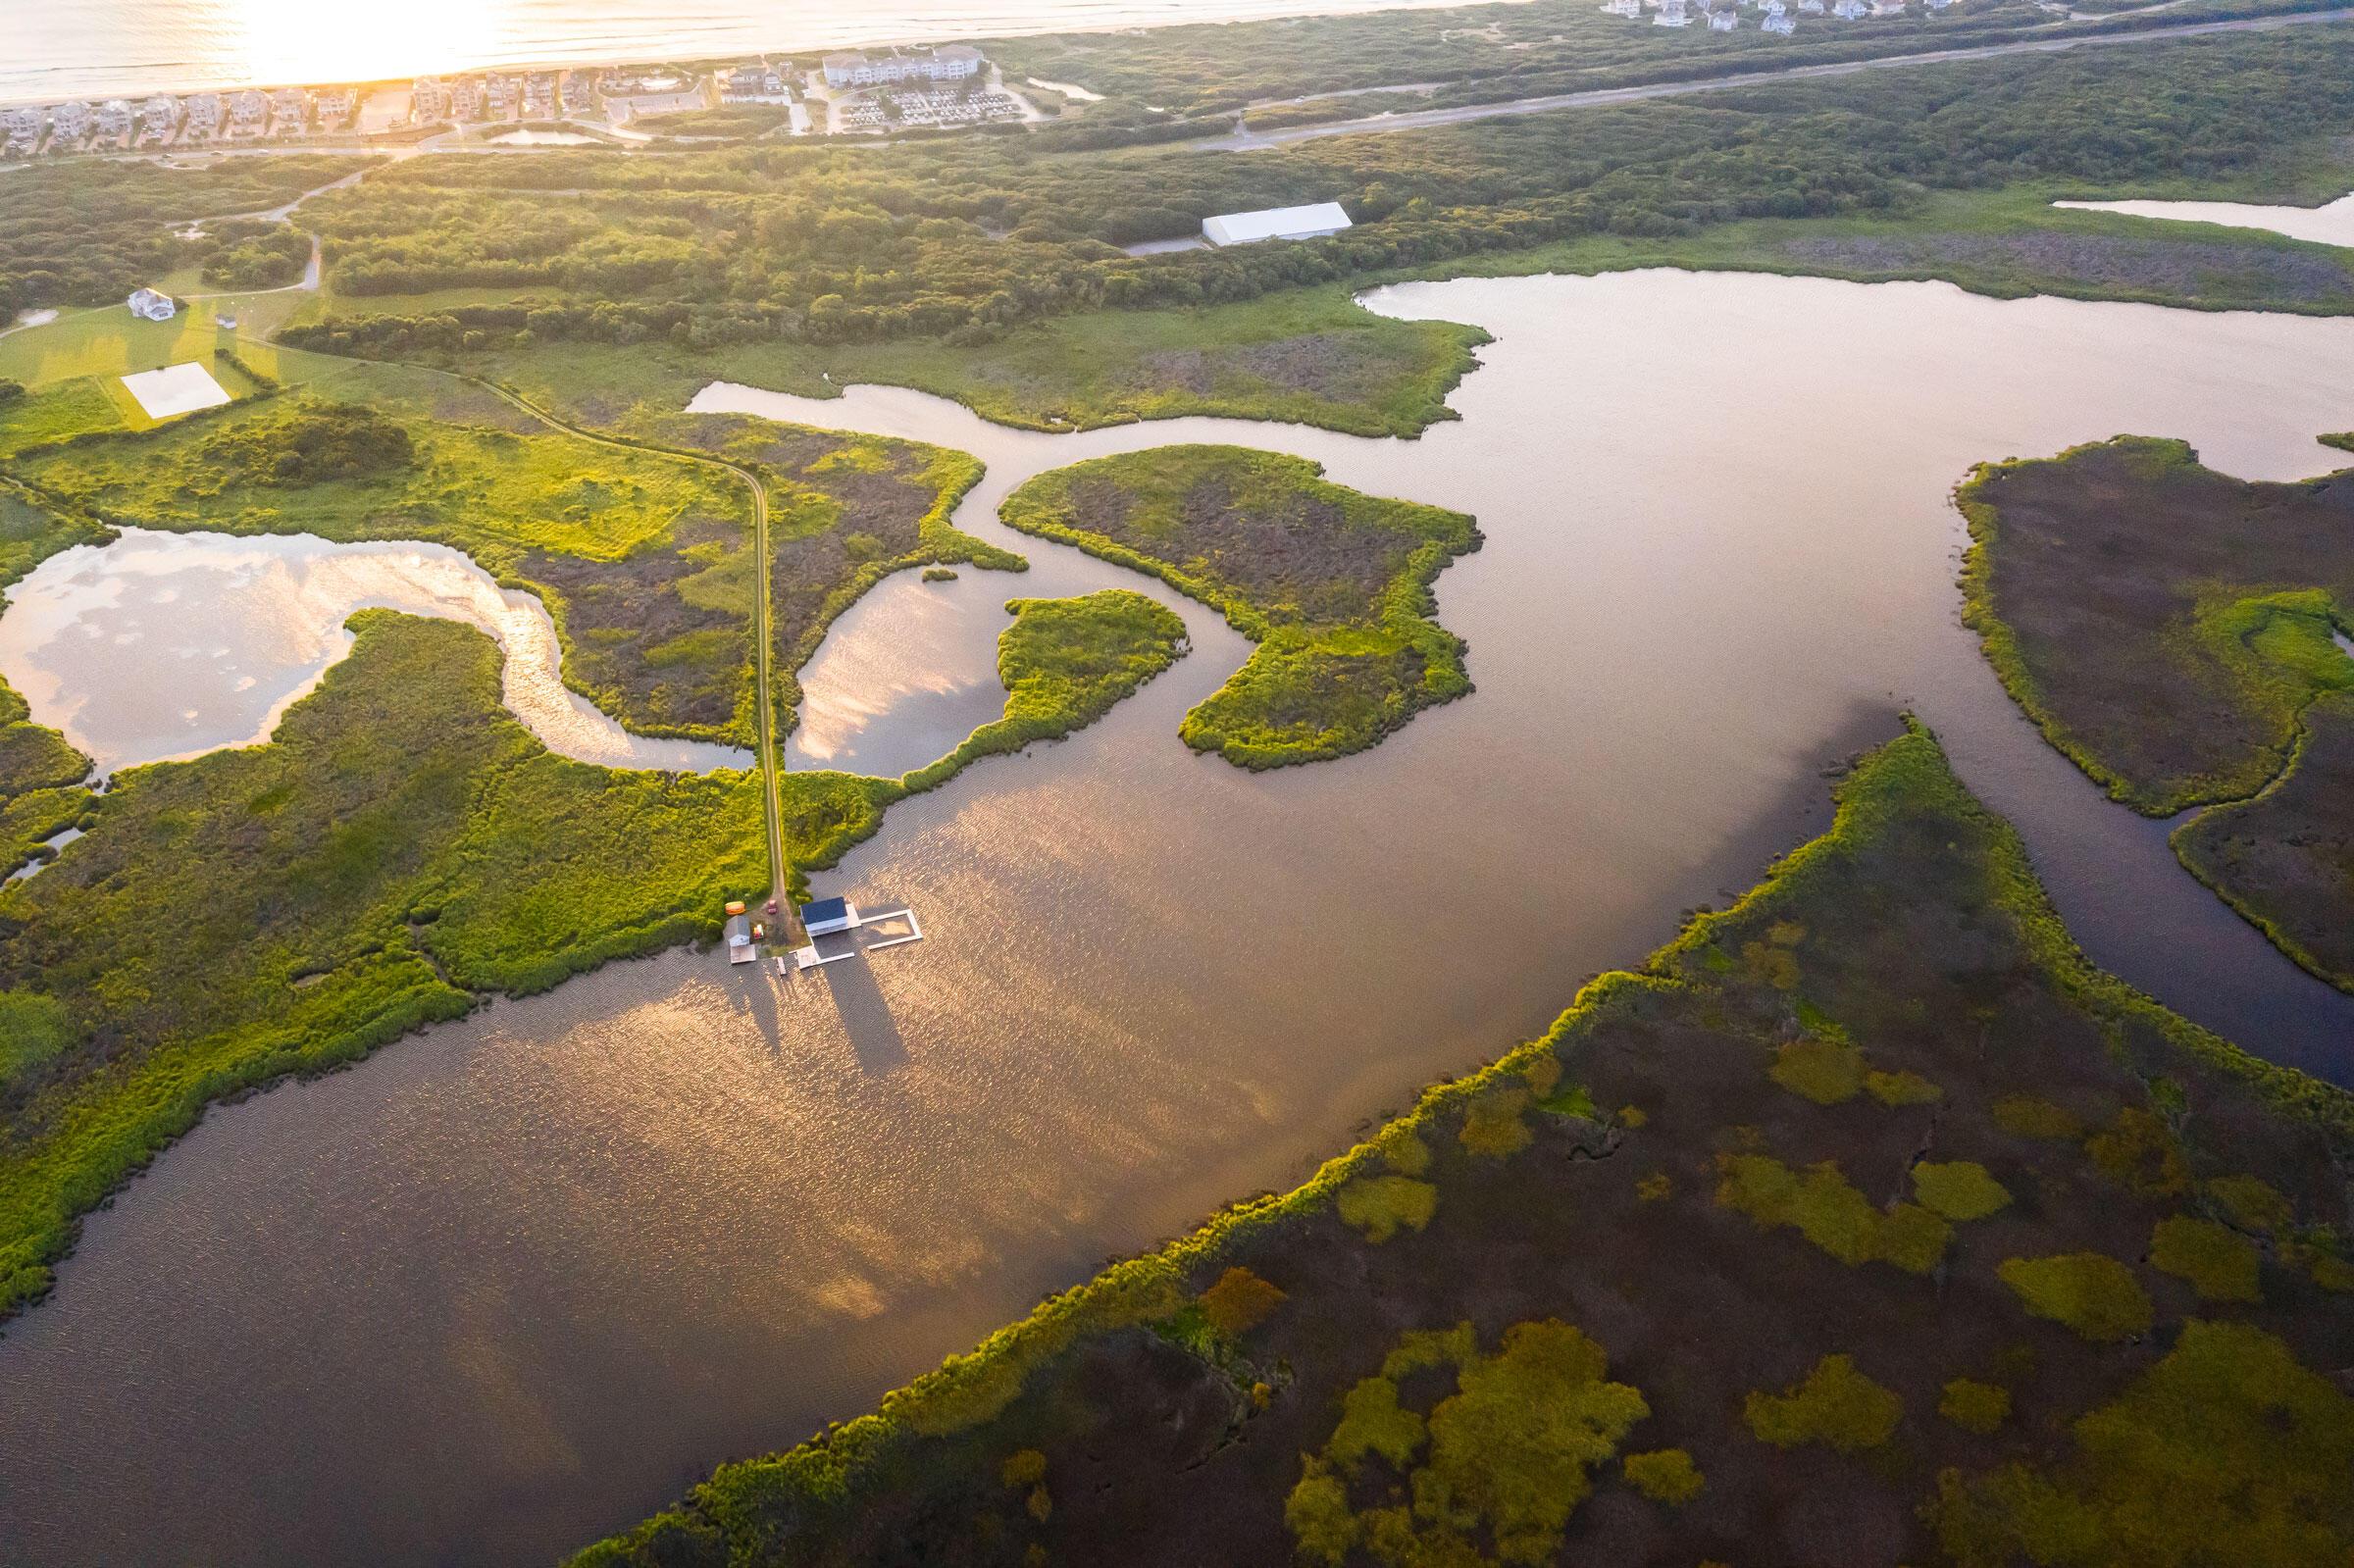 Los pantanos de Pine Island la convierten en el lugar ideal para probar defensas naturales contra el crecimiento del nivel del mar.